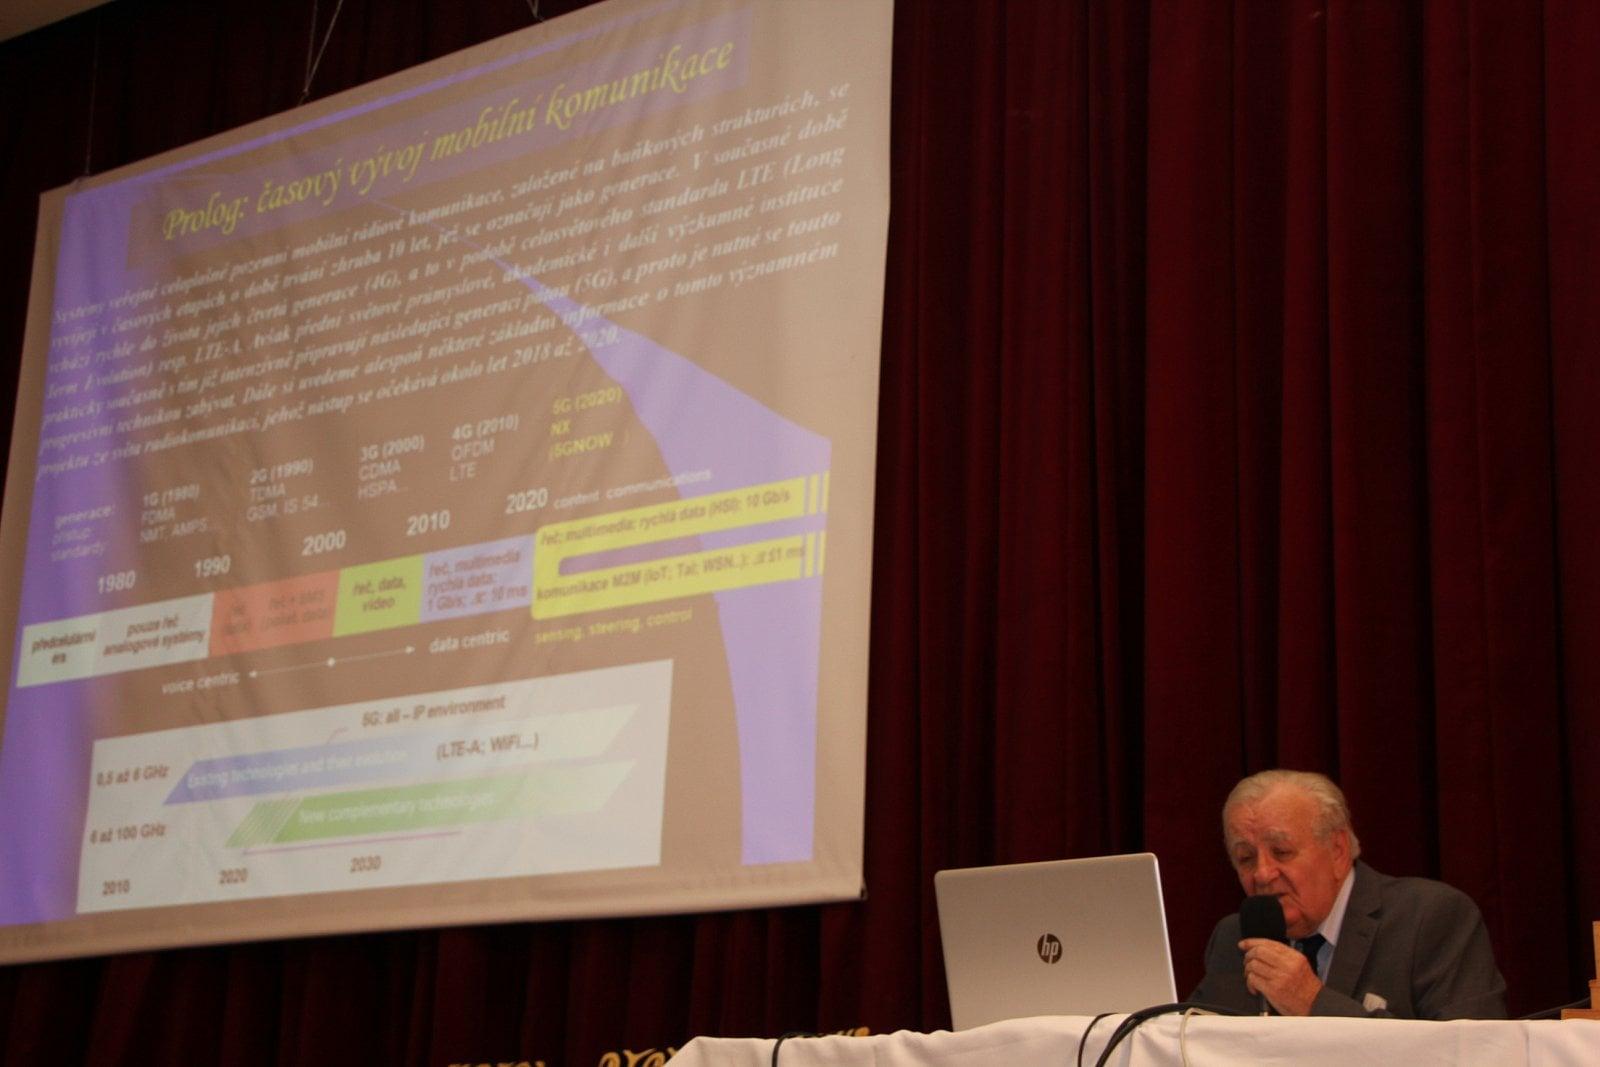 XXVI. konference Radiokomunikace - druhý den